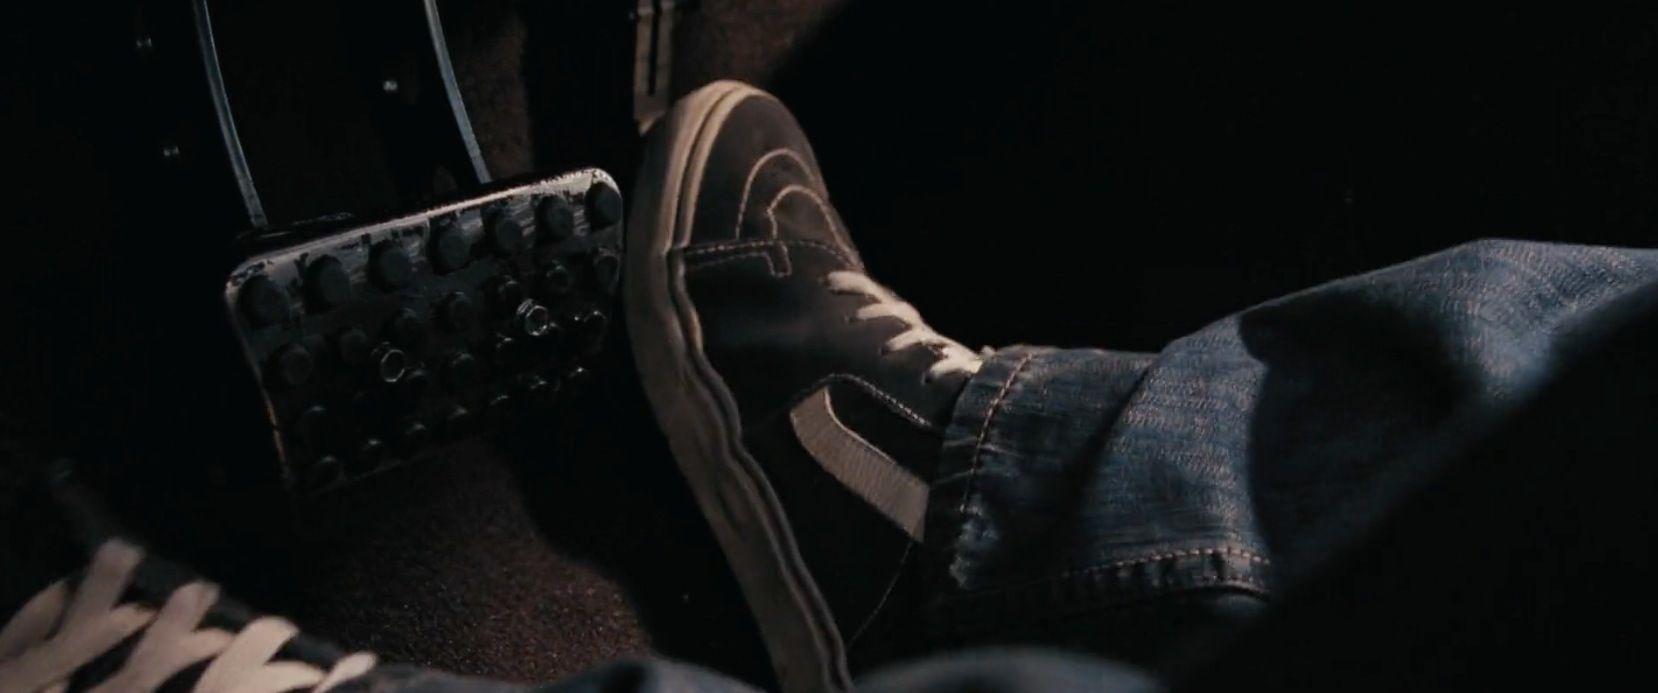 Worn Furious Walker In Fastamp; By Paul Vans 62013vans Shoes OPXZikTu